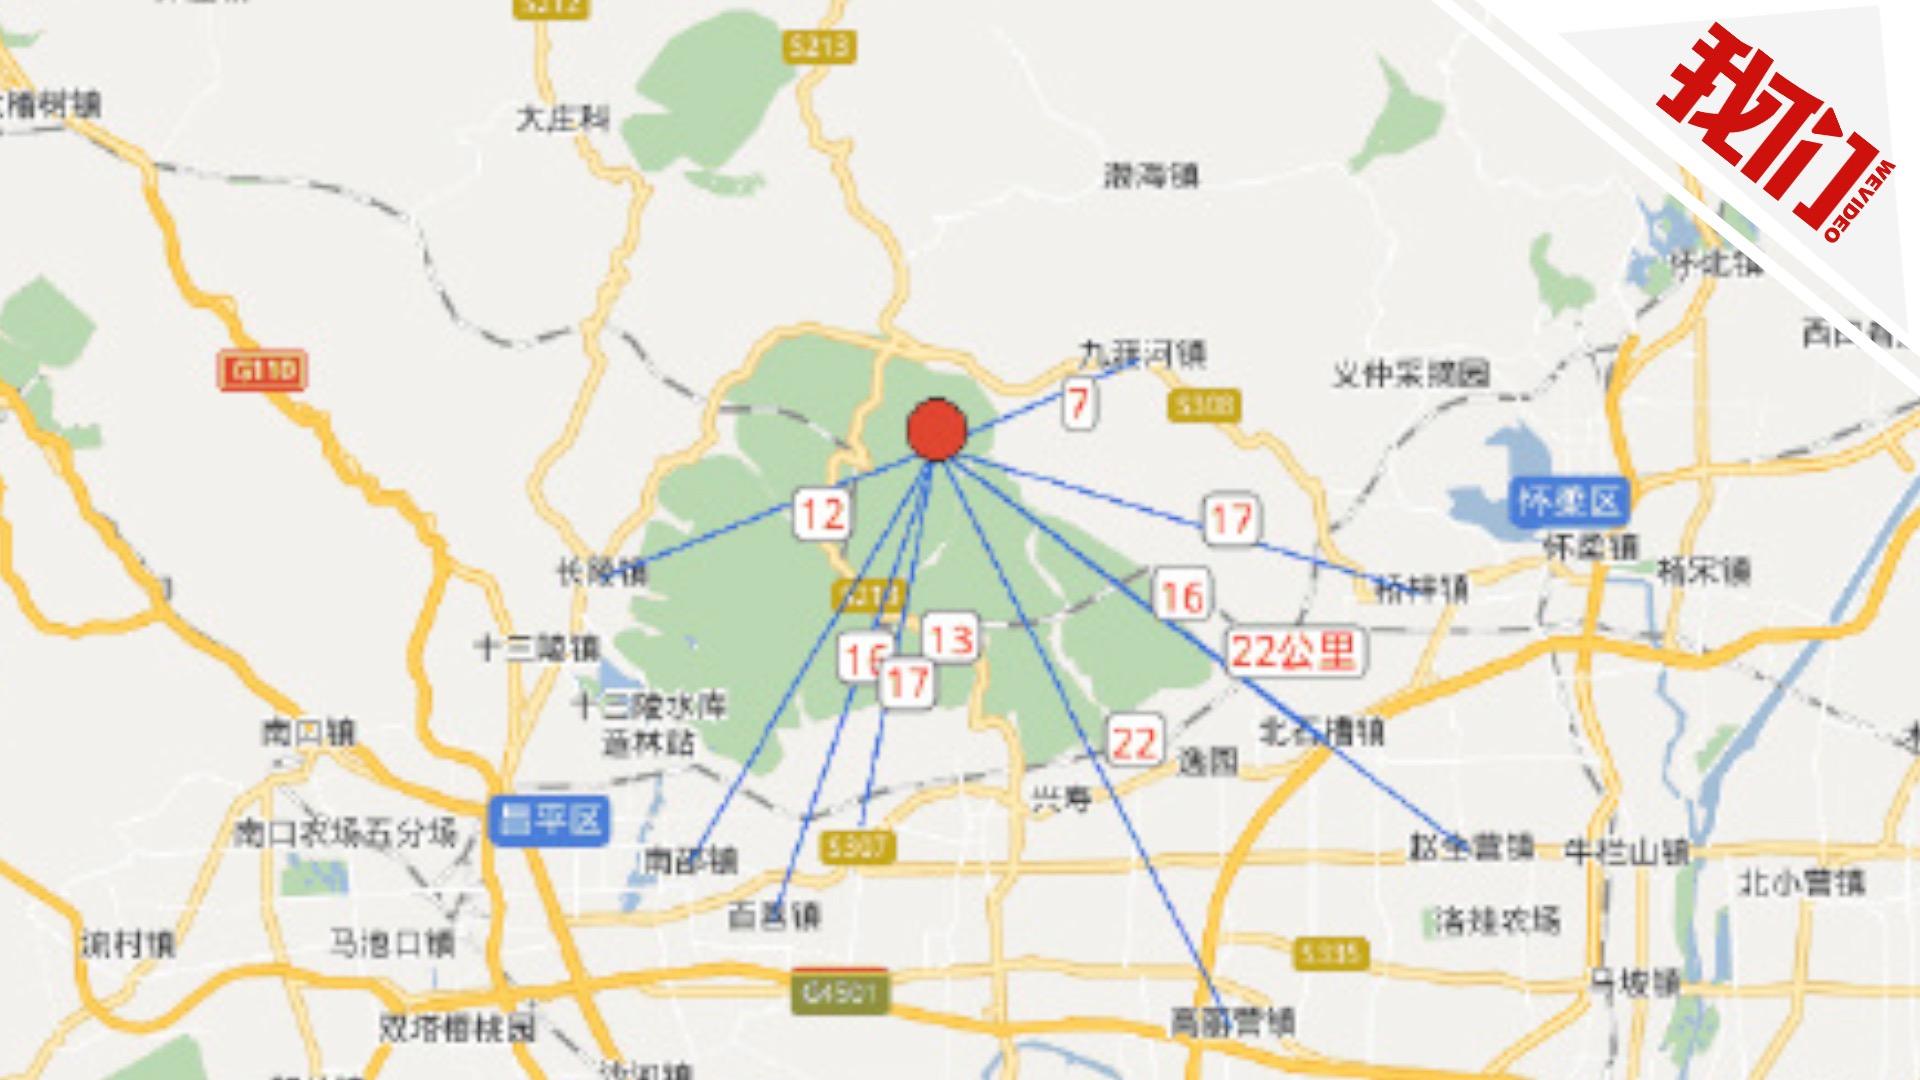 怀柔发生北京23年来最大地震 专家:属正常起伏